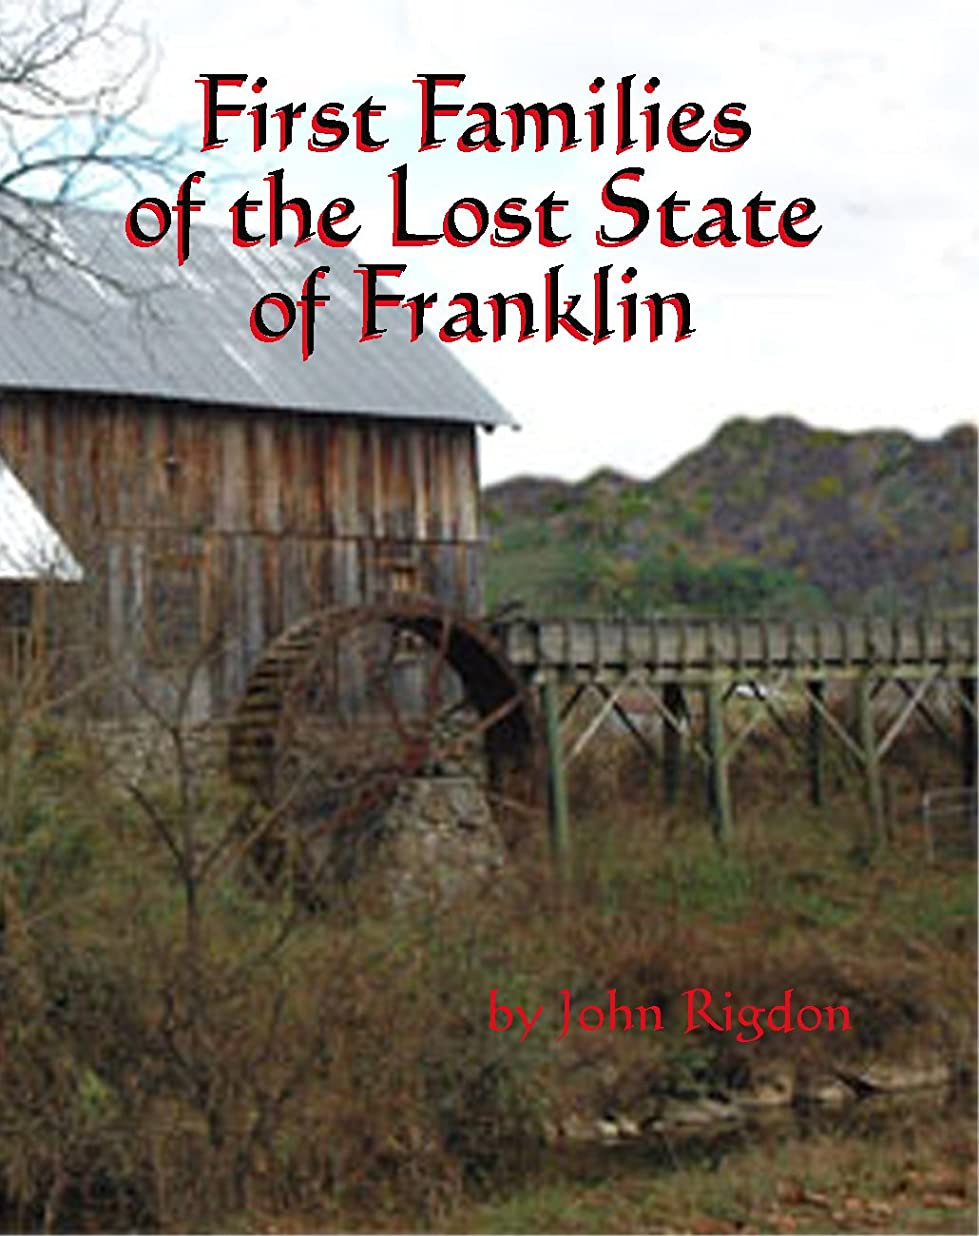 適用するジョセフバンクス星First Families of the Lost State of Franklin (The First Families Project Book 5) (English Edition)